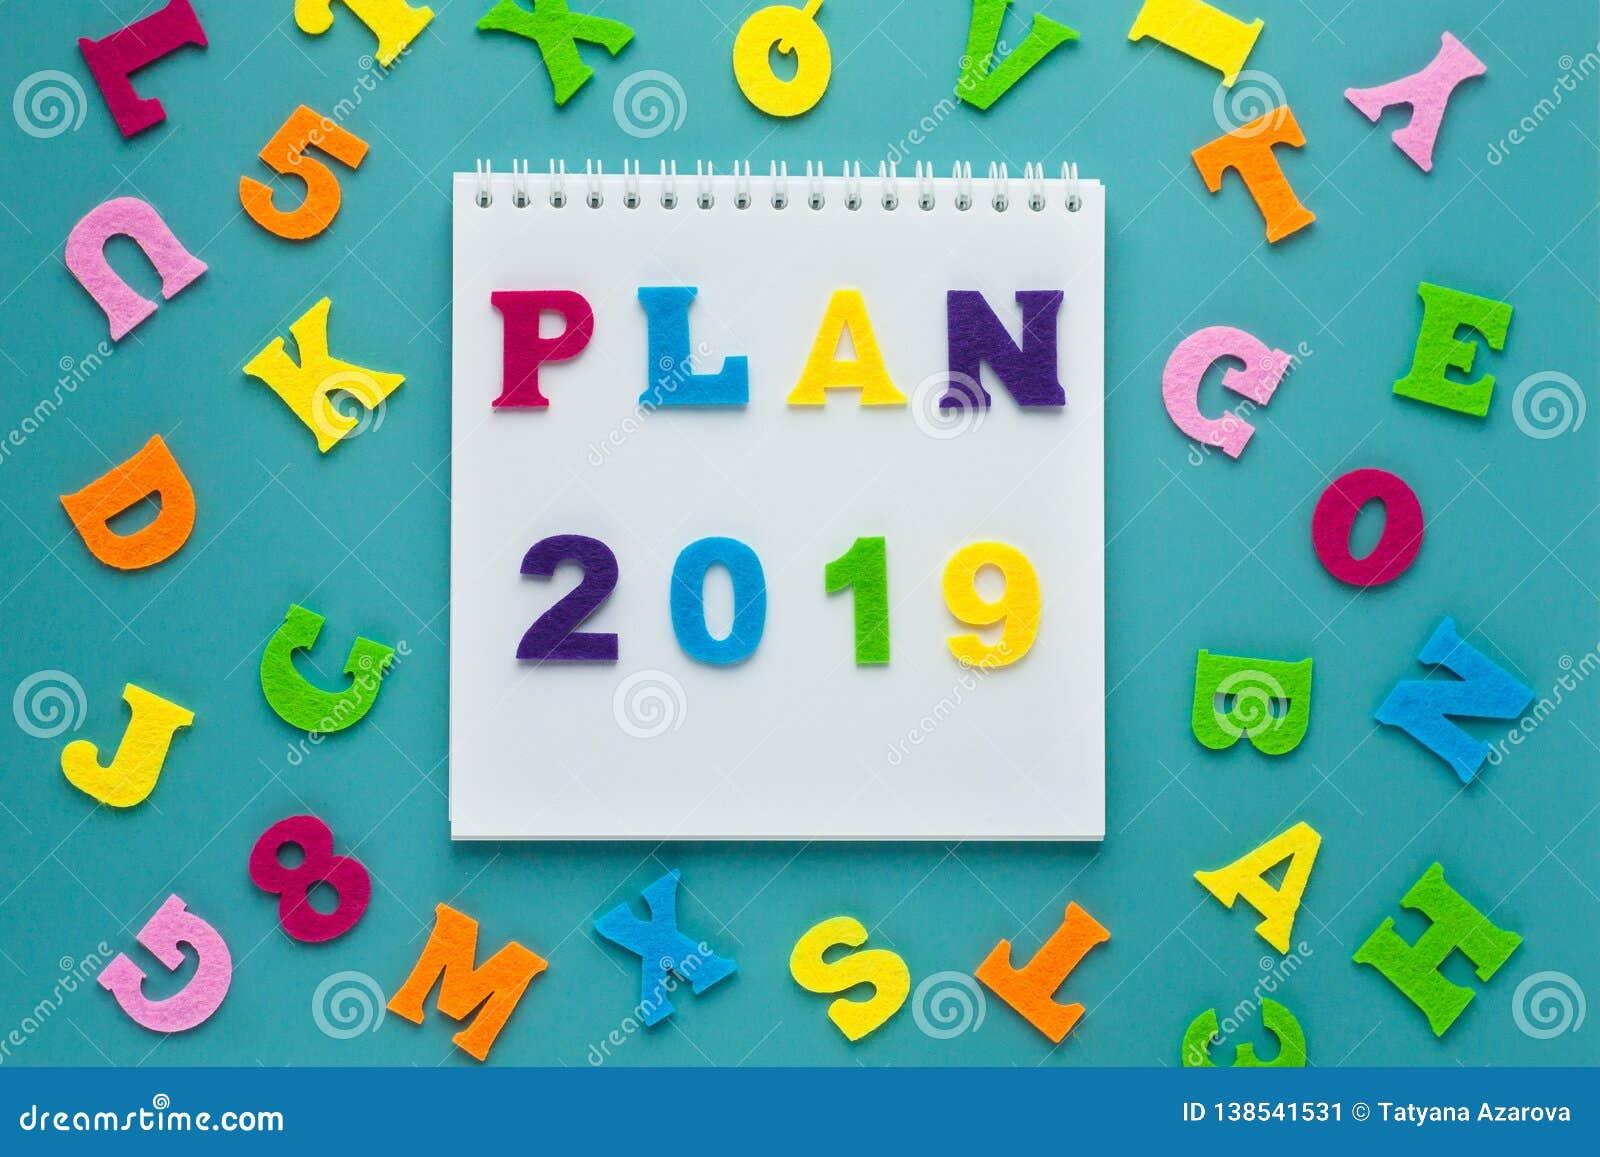 Plan 2019 d inscription sur le fond bleu Future planification Conception de mode de vie Concept de stratégie commerciale Concept